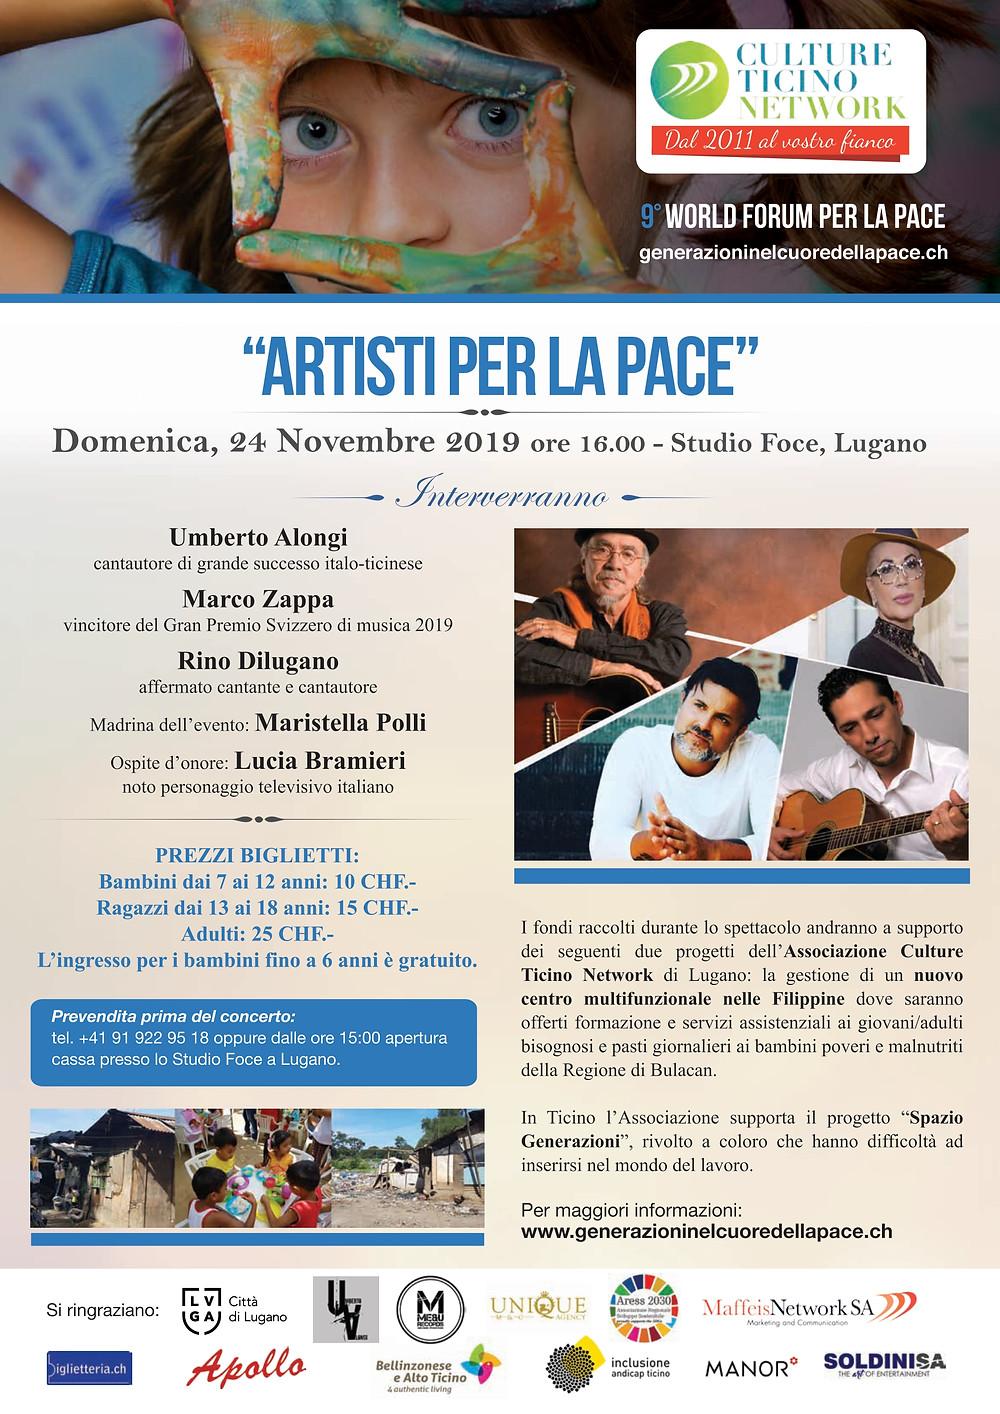 Studio Foce Lugano - 24.11.19 alle ore 16:00